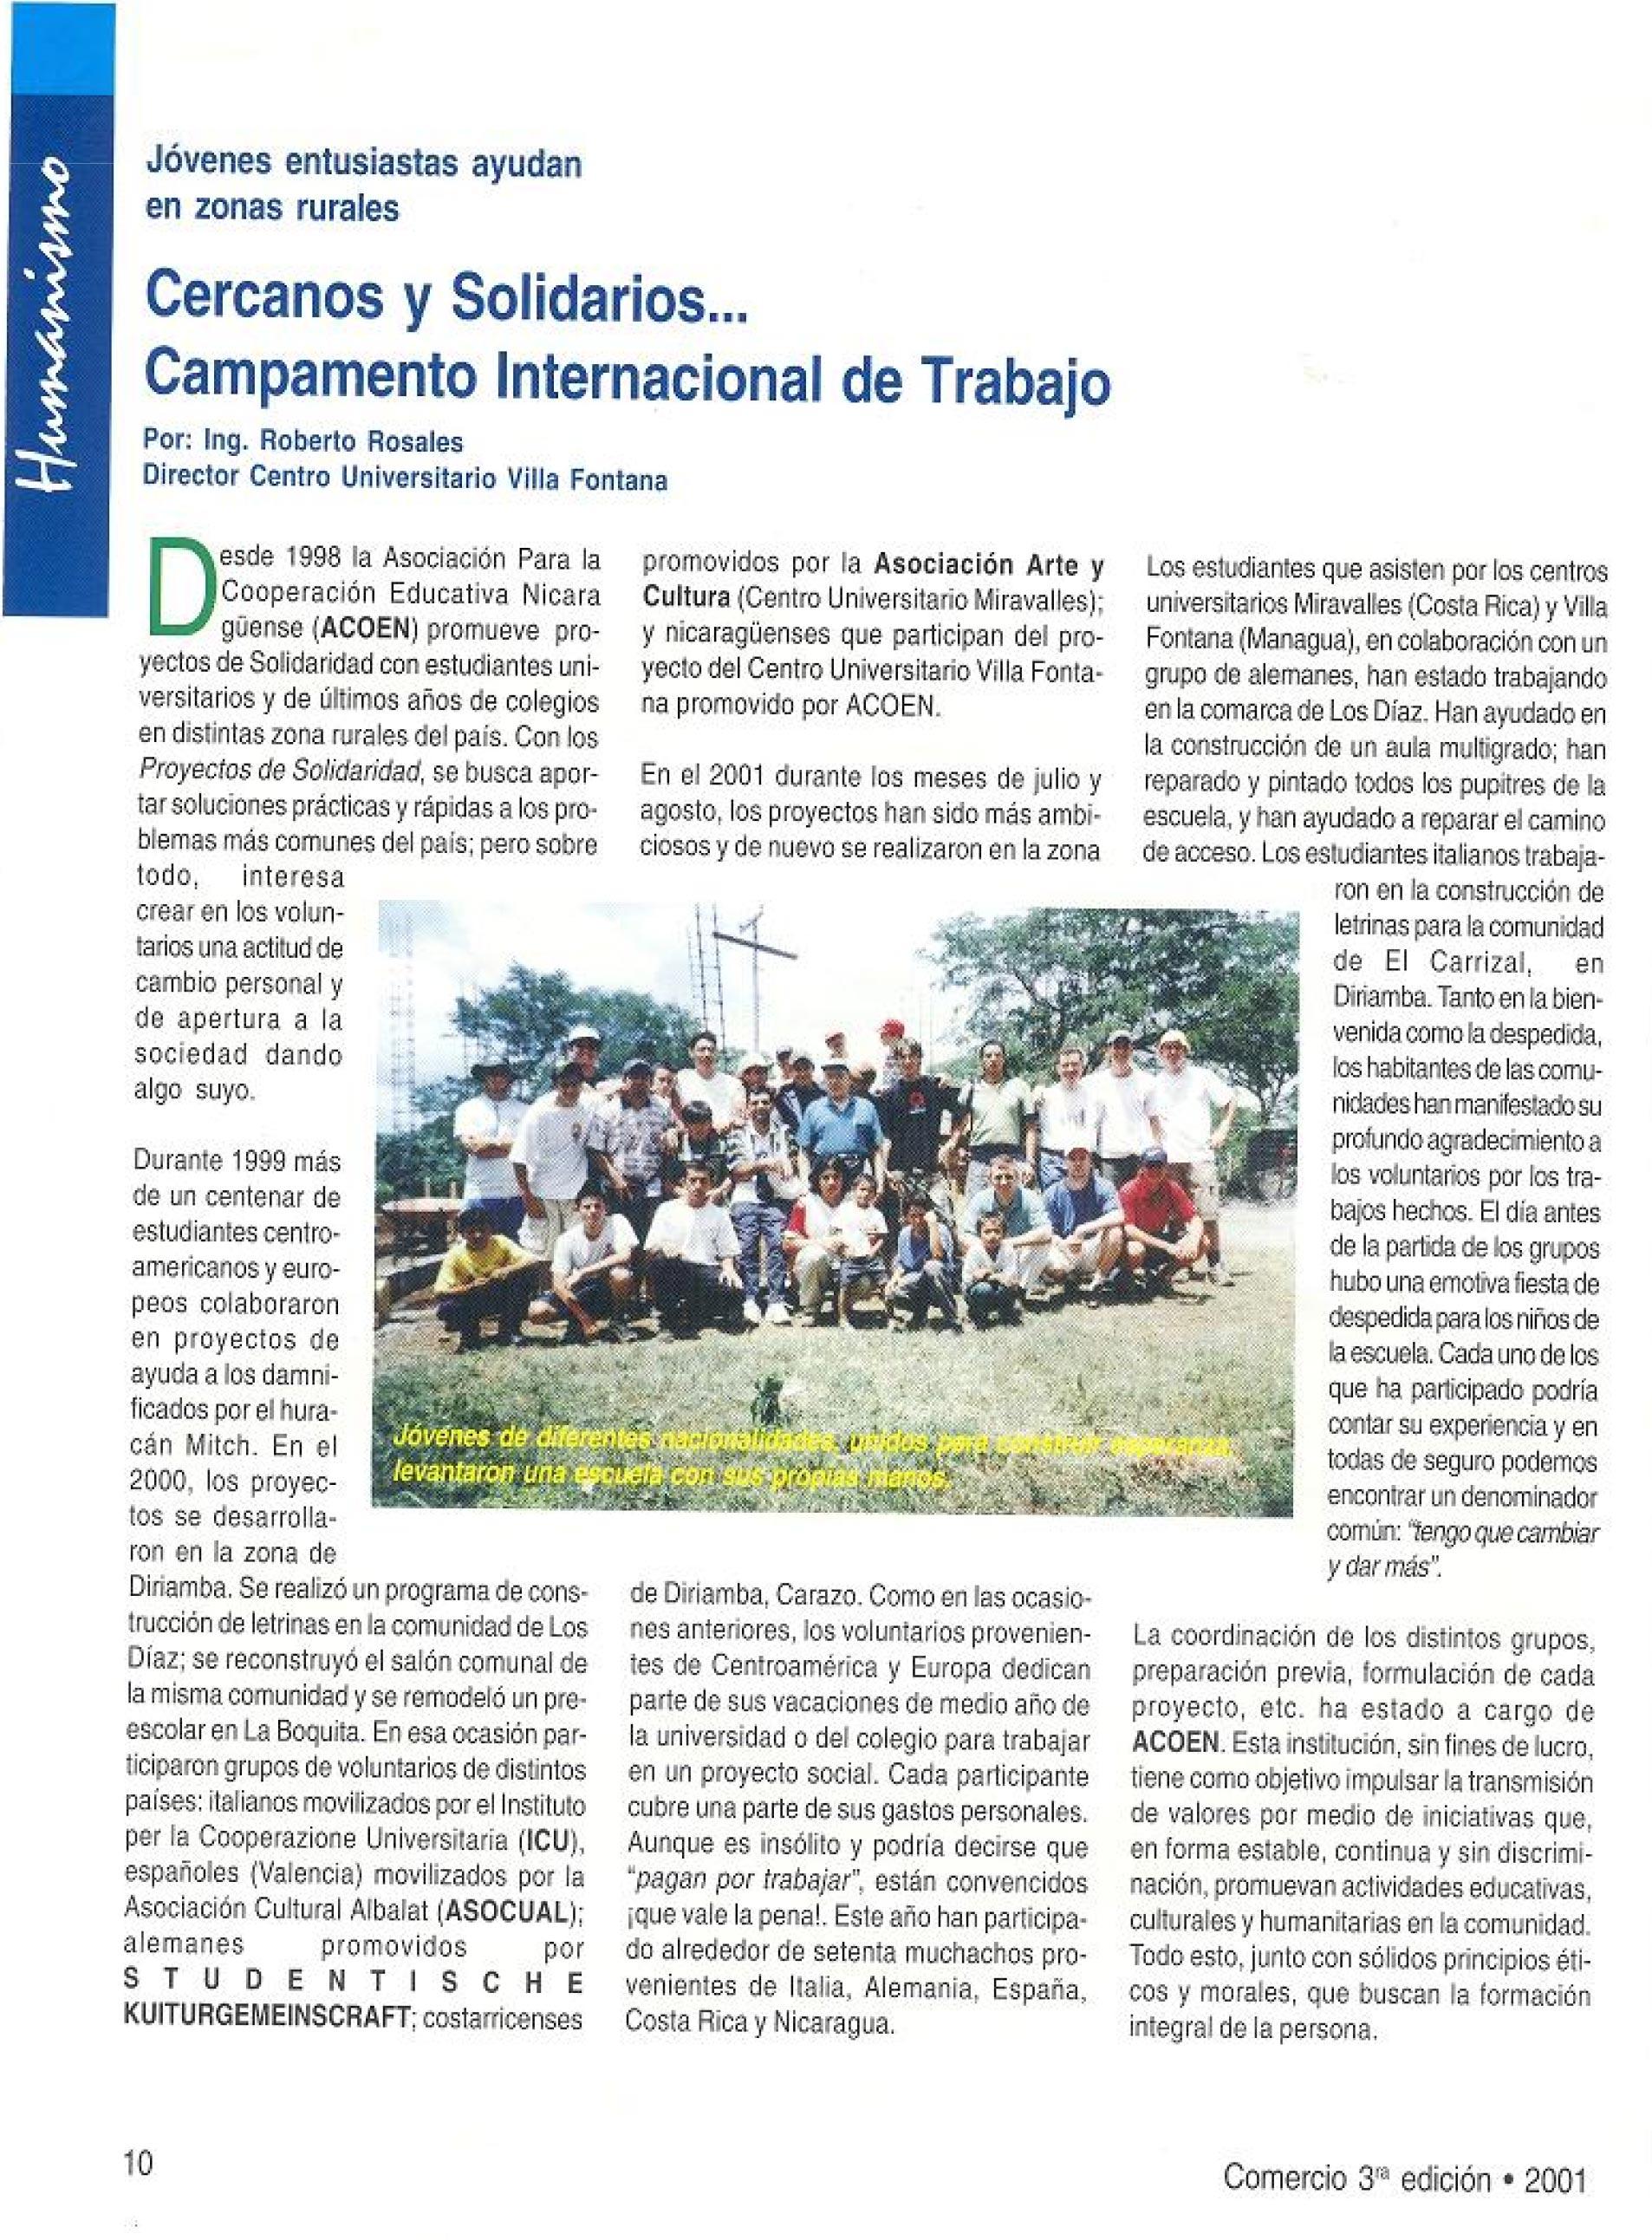 noticia-2001